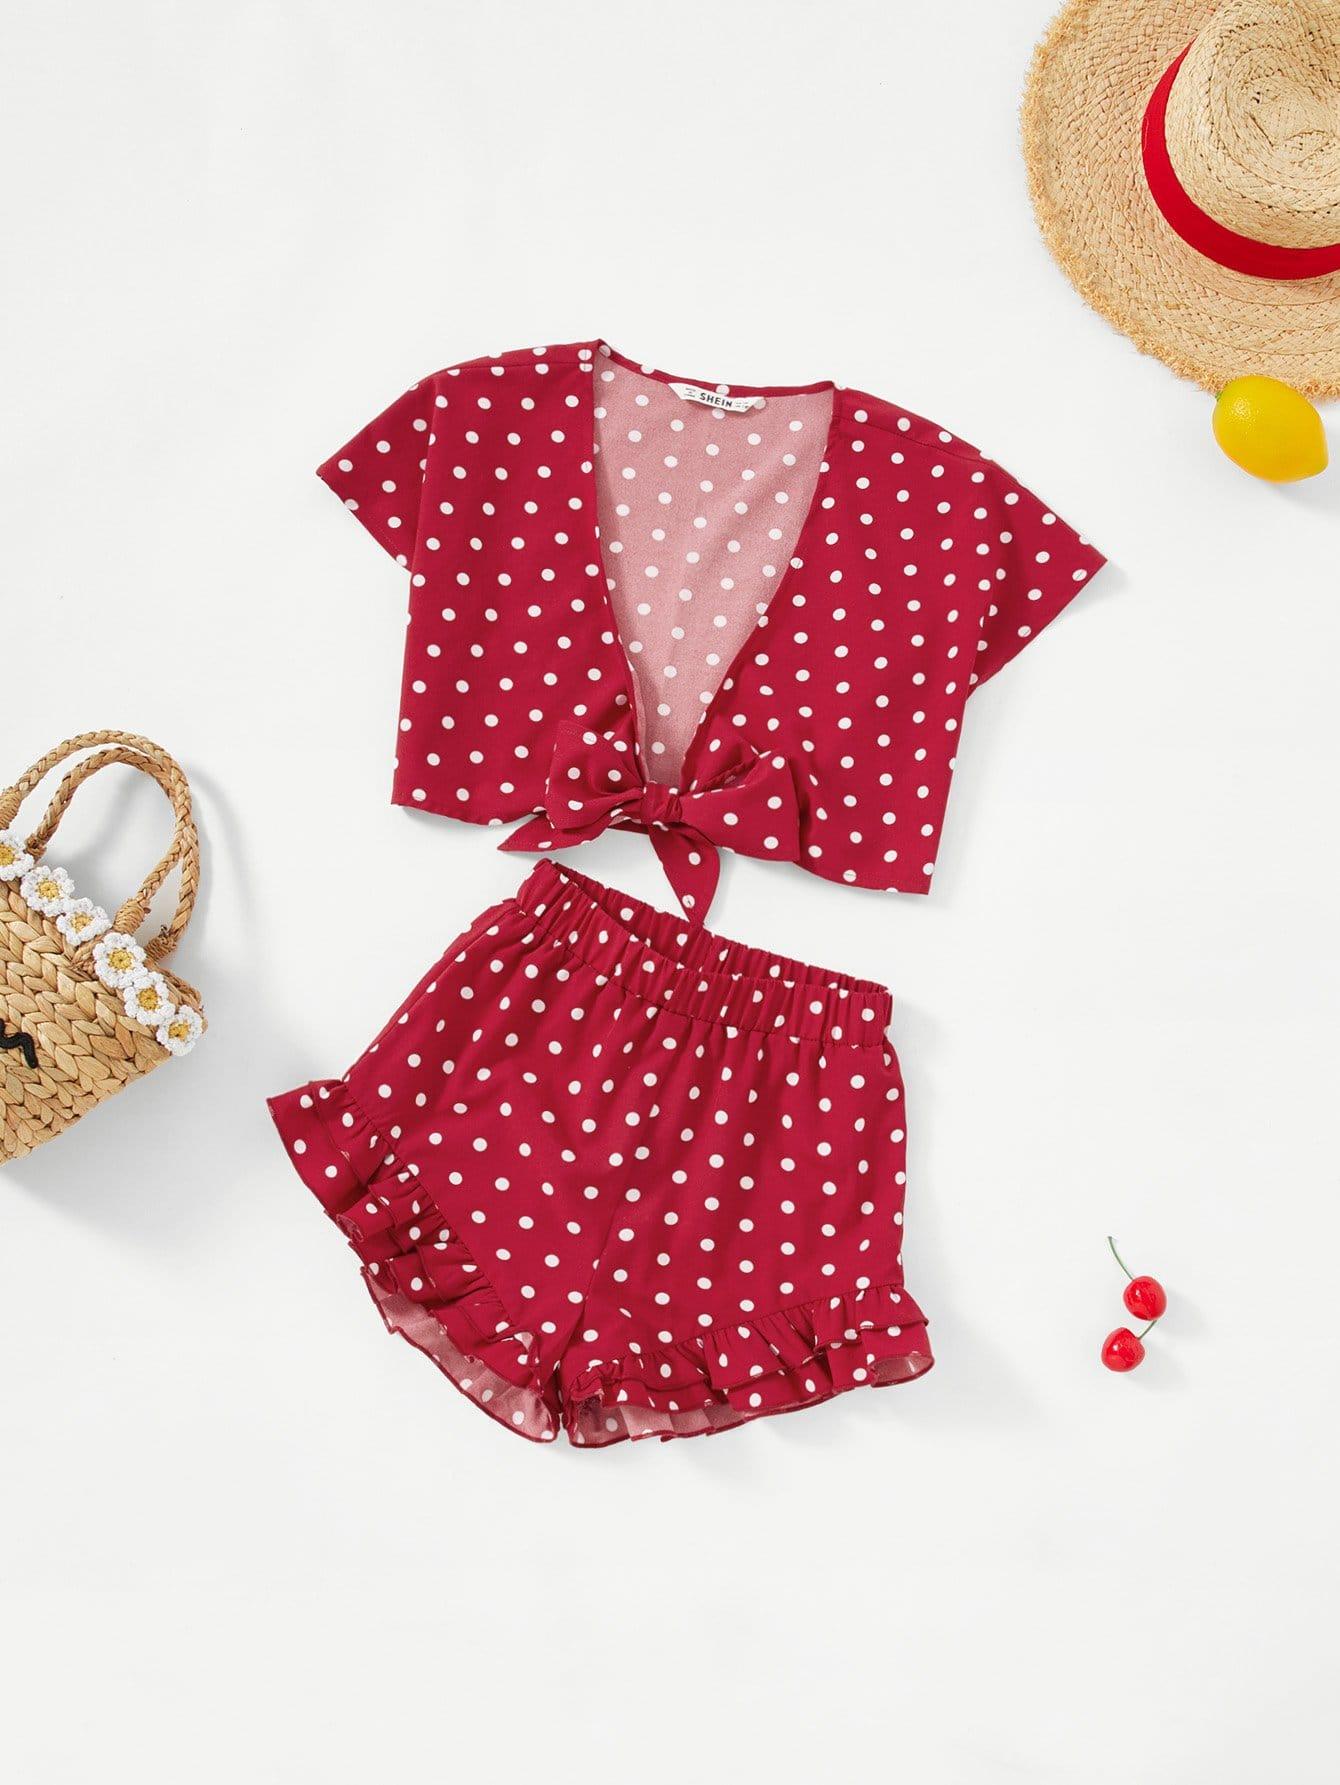 Купить Набор для девочек Knot Front Polka Dot Top & Ruffle Hem Shorts Set, null, SheIn